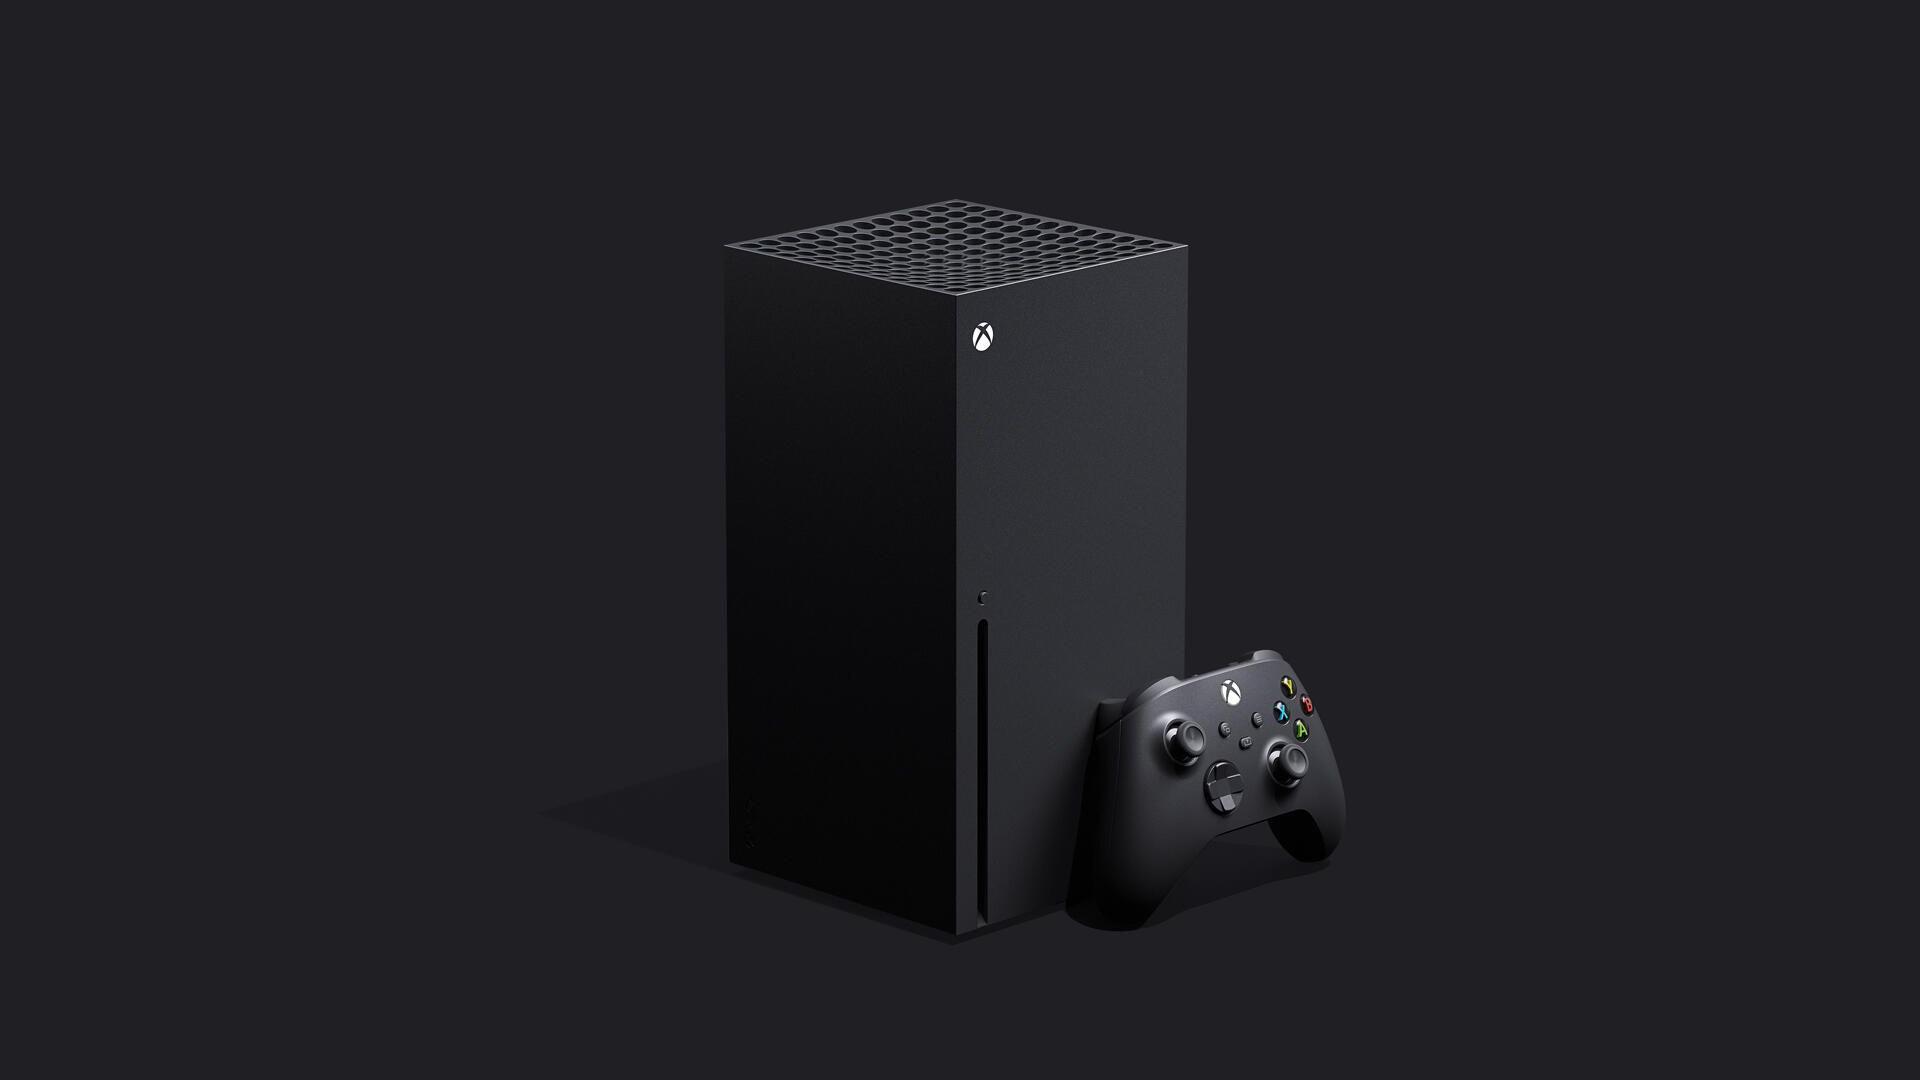 Xbox Series X Xbox